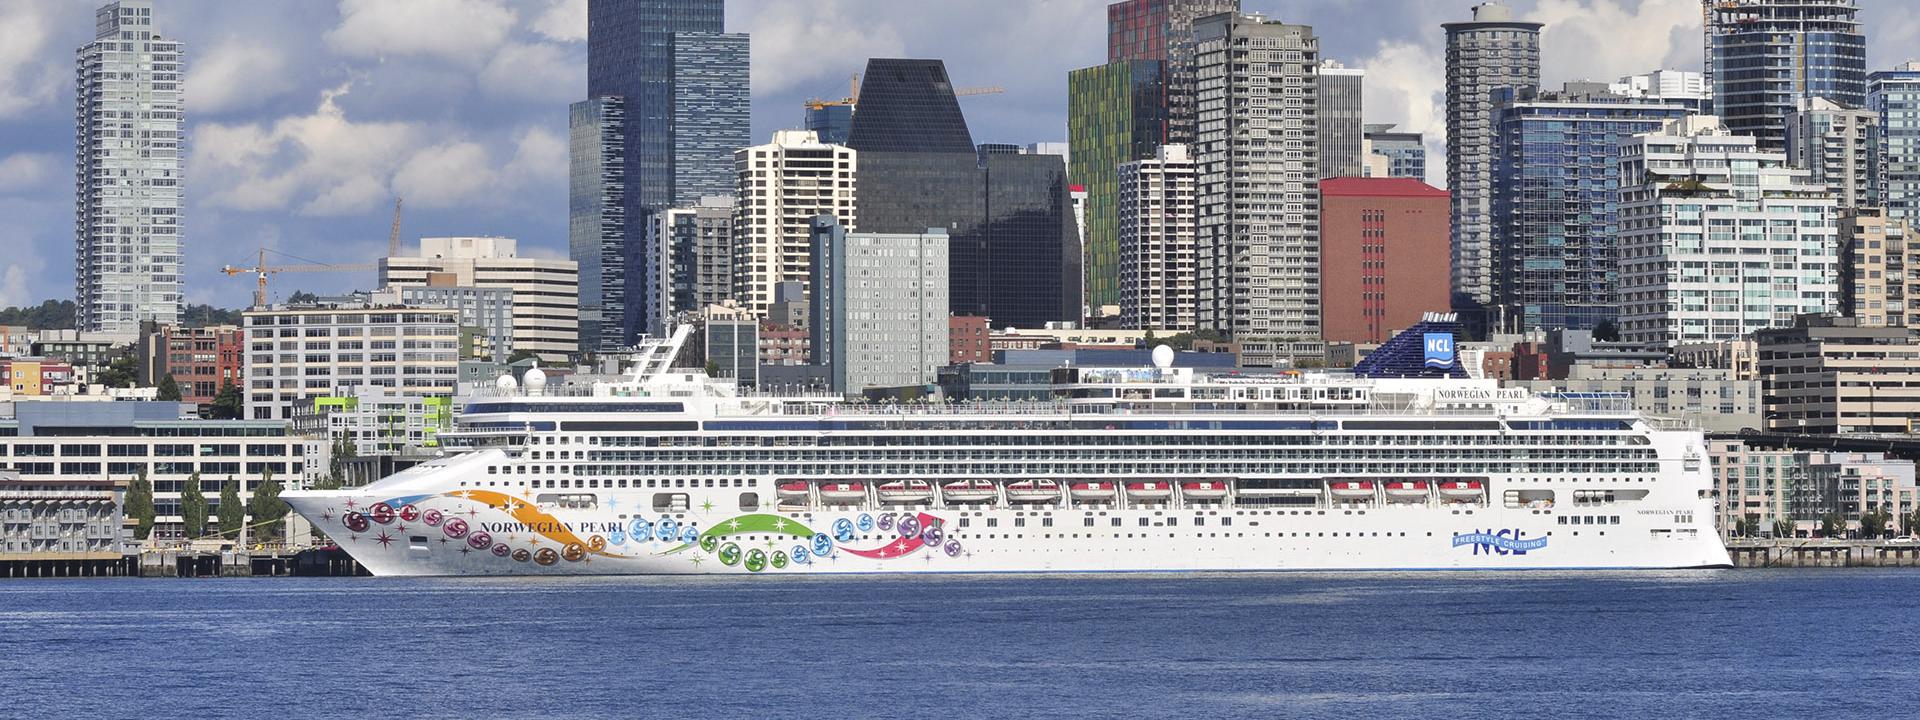 Ship in Seattle